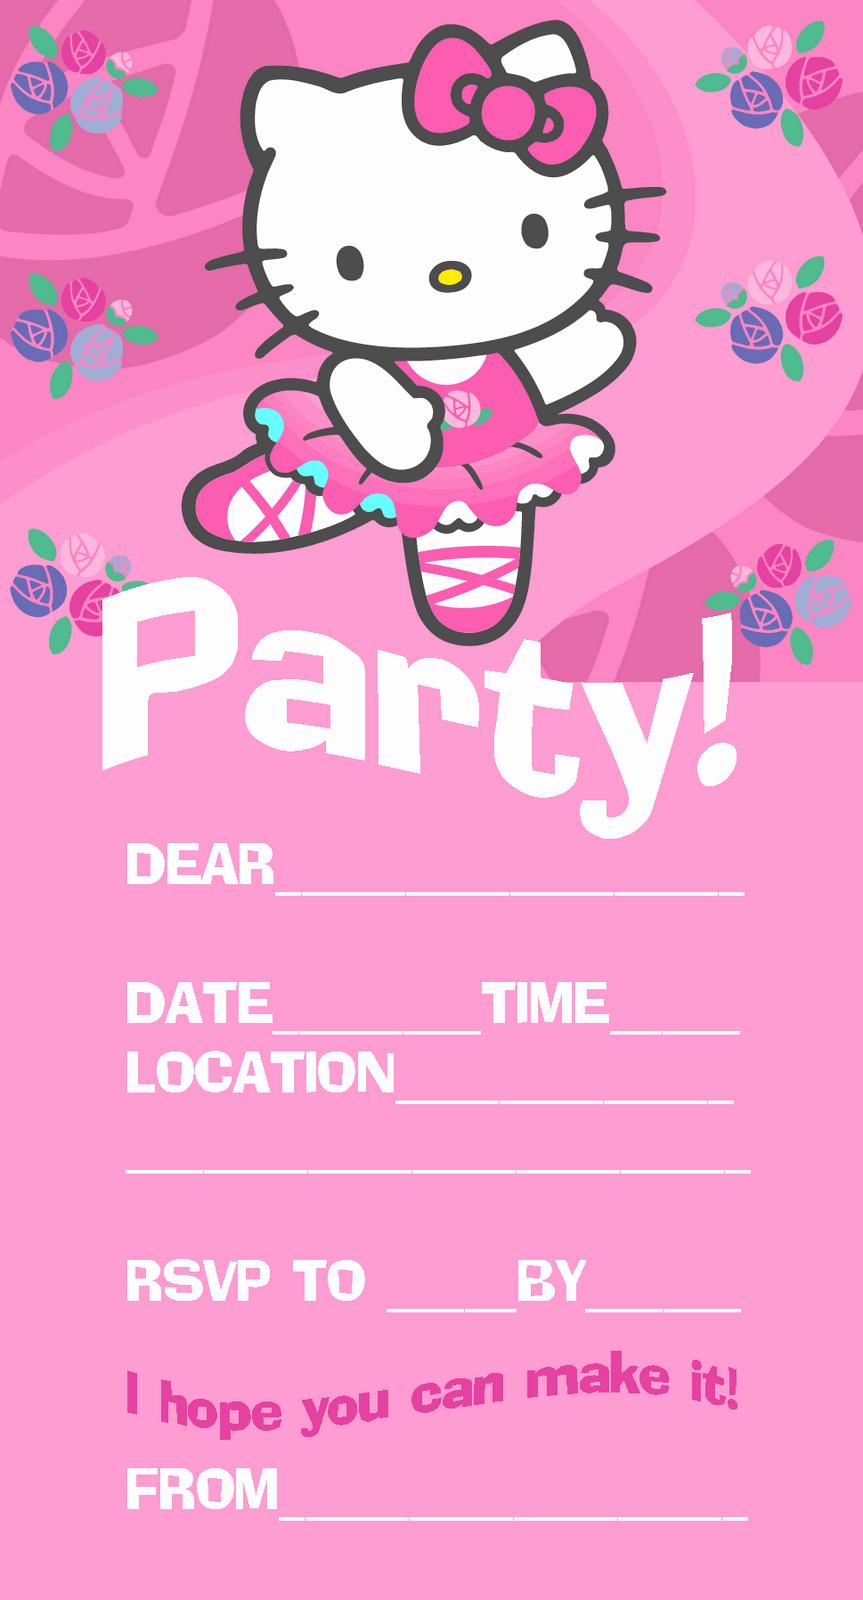 Birthday Party Invitation Card Template Unique Hello Kitty Birthday Invitation Card Template